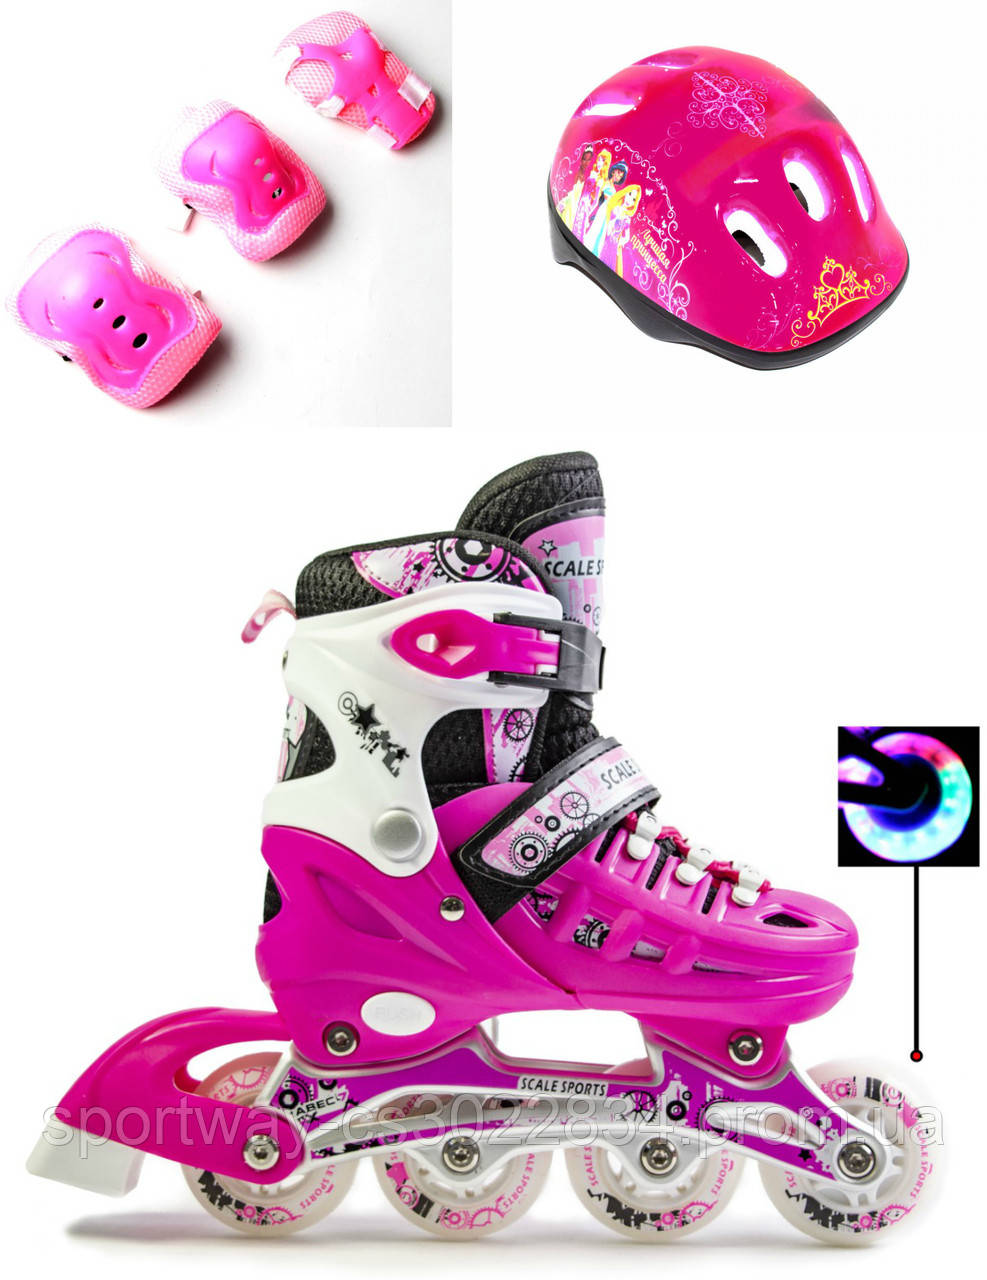 Ролики Scale Sports. Pink+защита+шлем! р. 29-33, 34-37,38-42